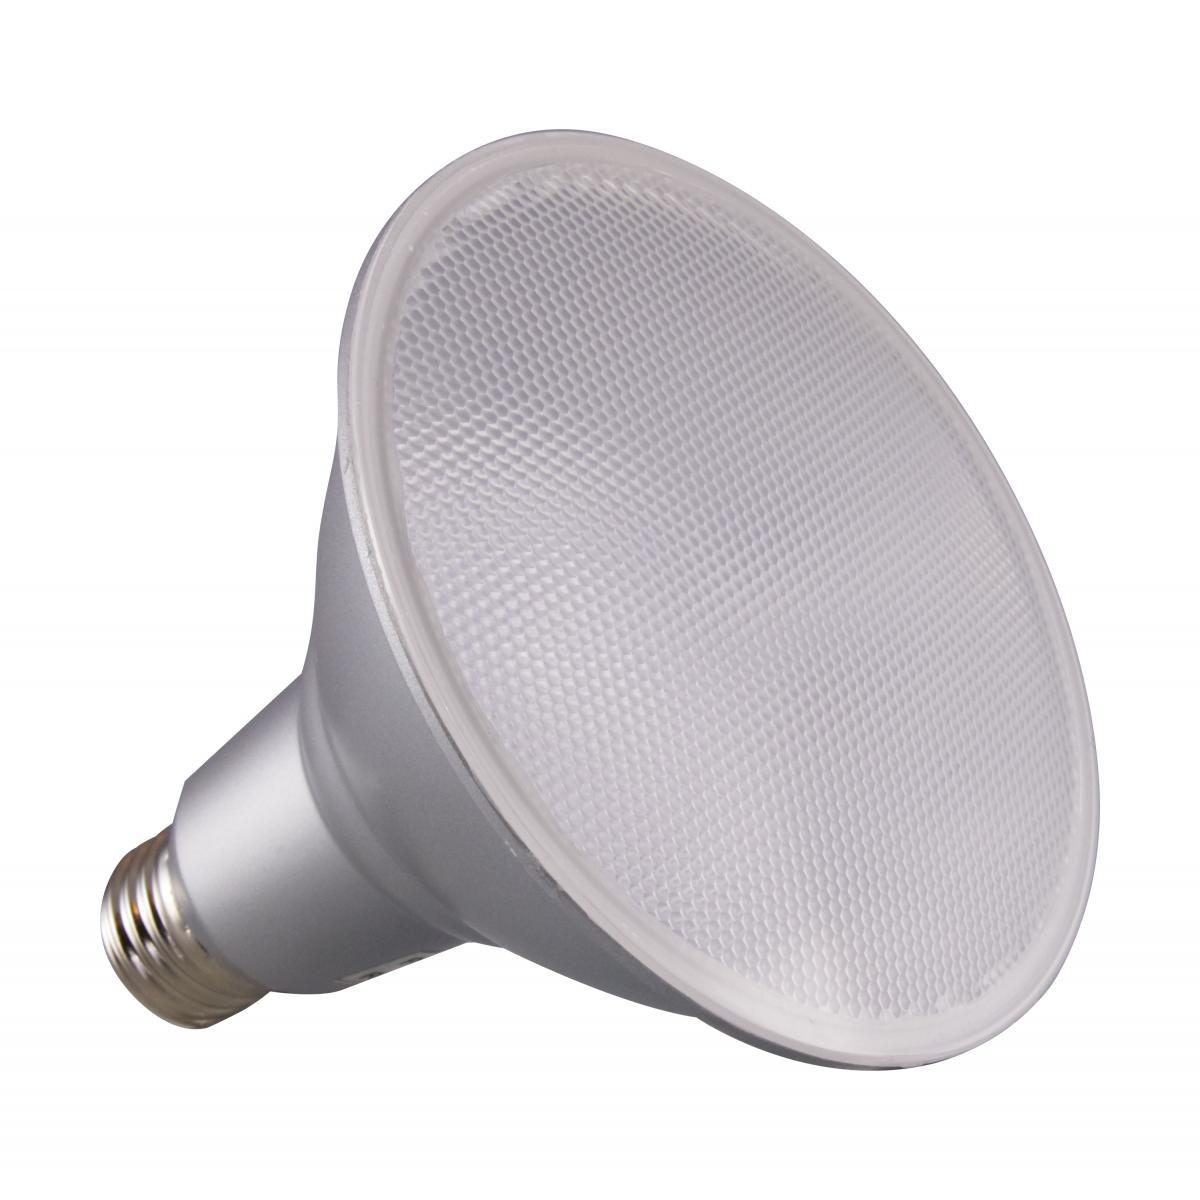 S29448 15PAR38/LED/40'/940/120V